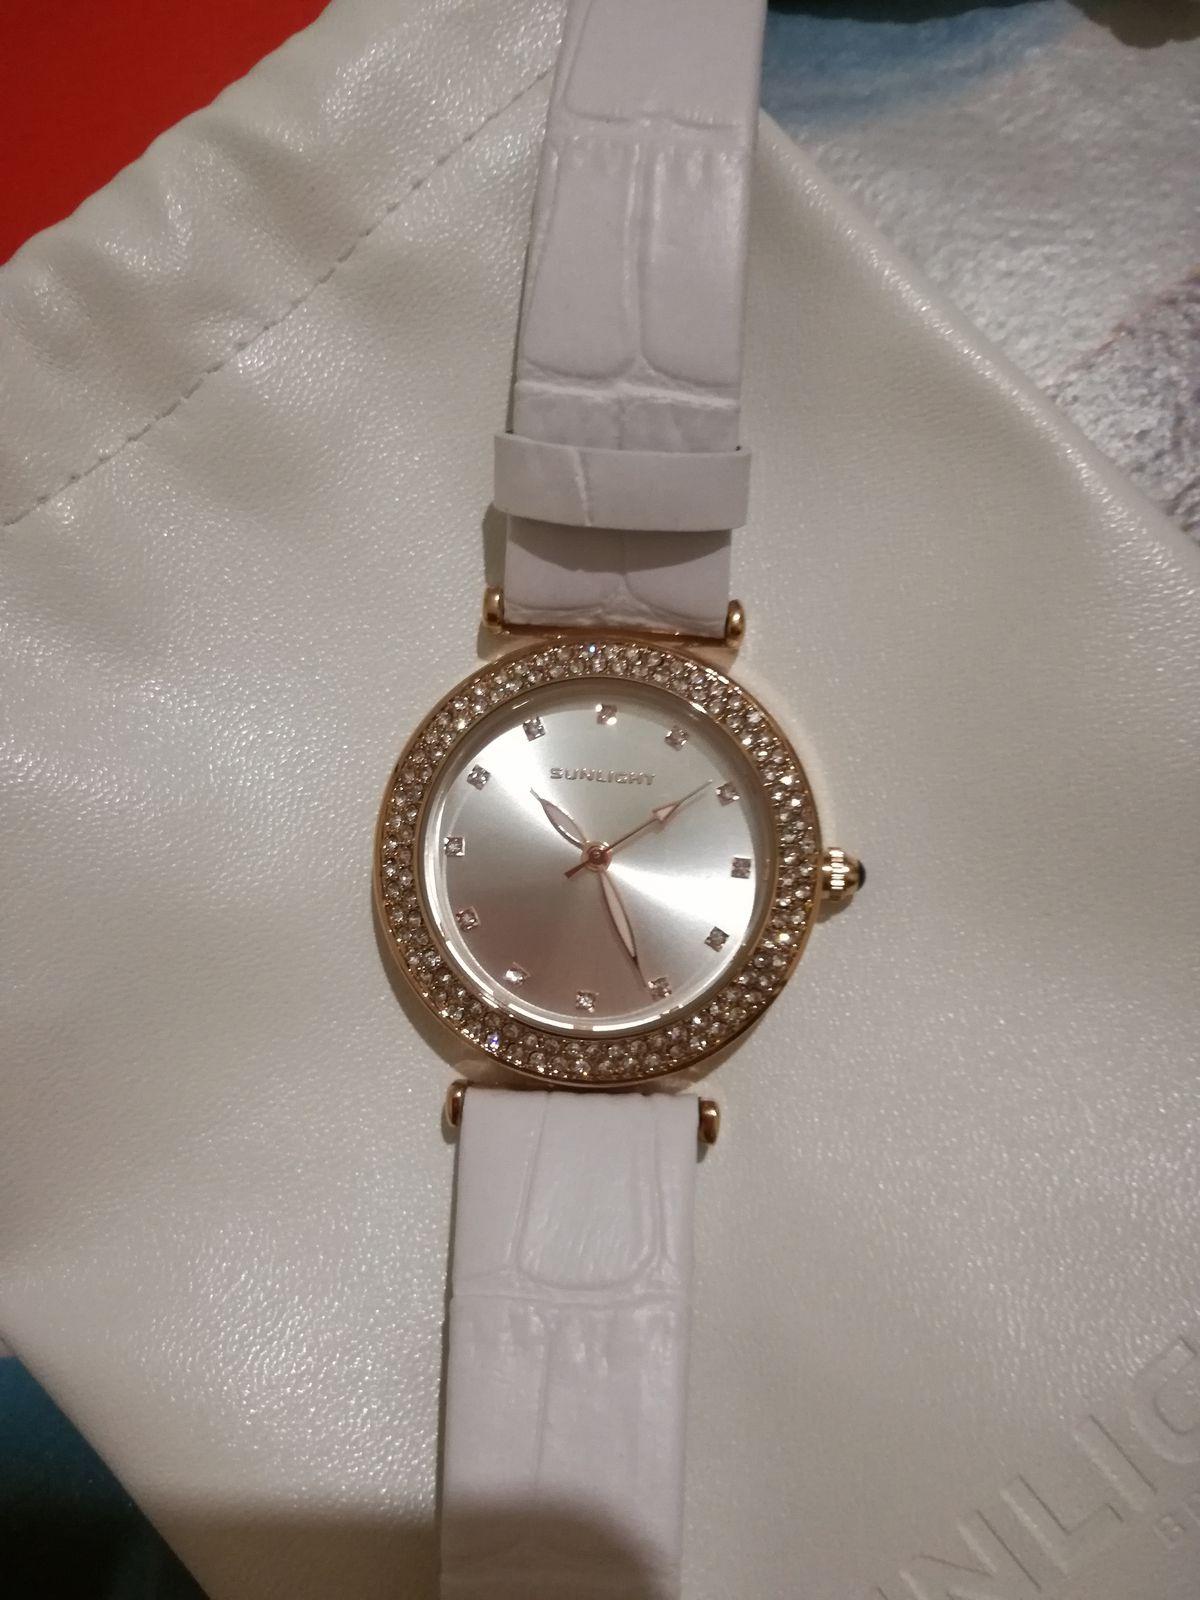 Потрясающе красивые часы)